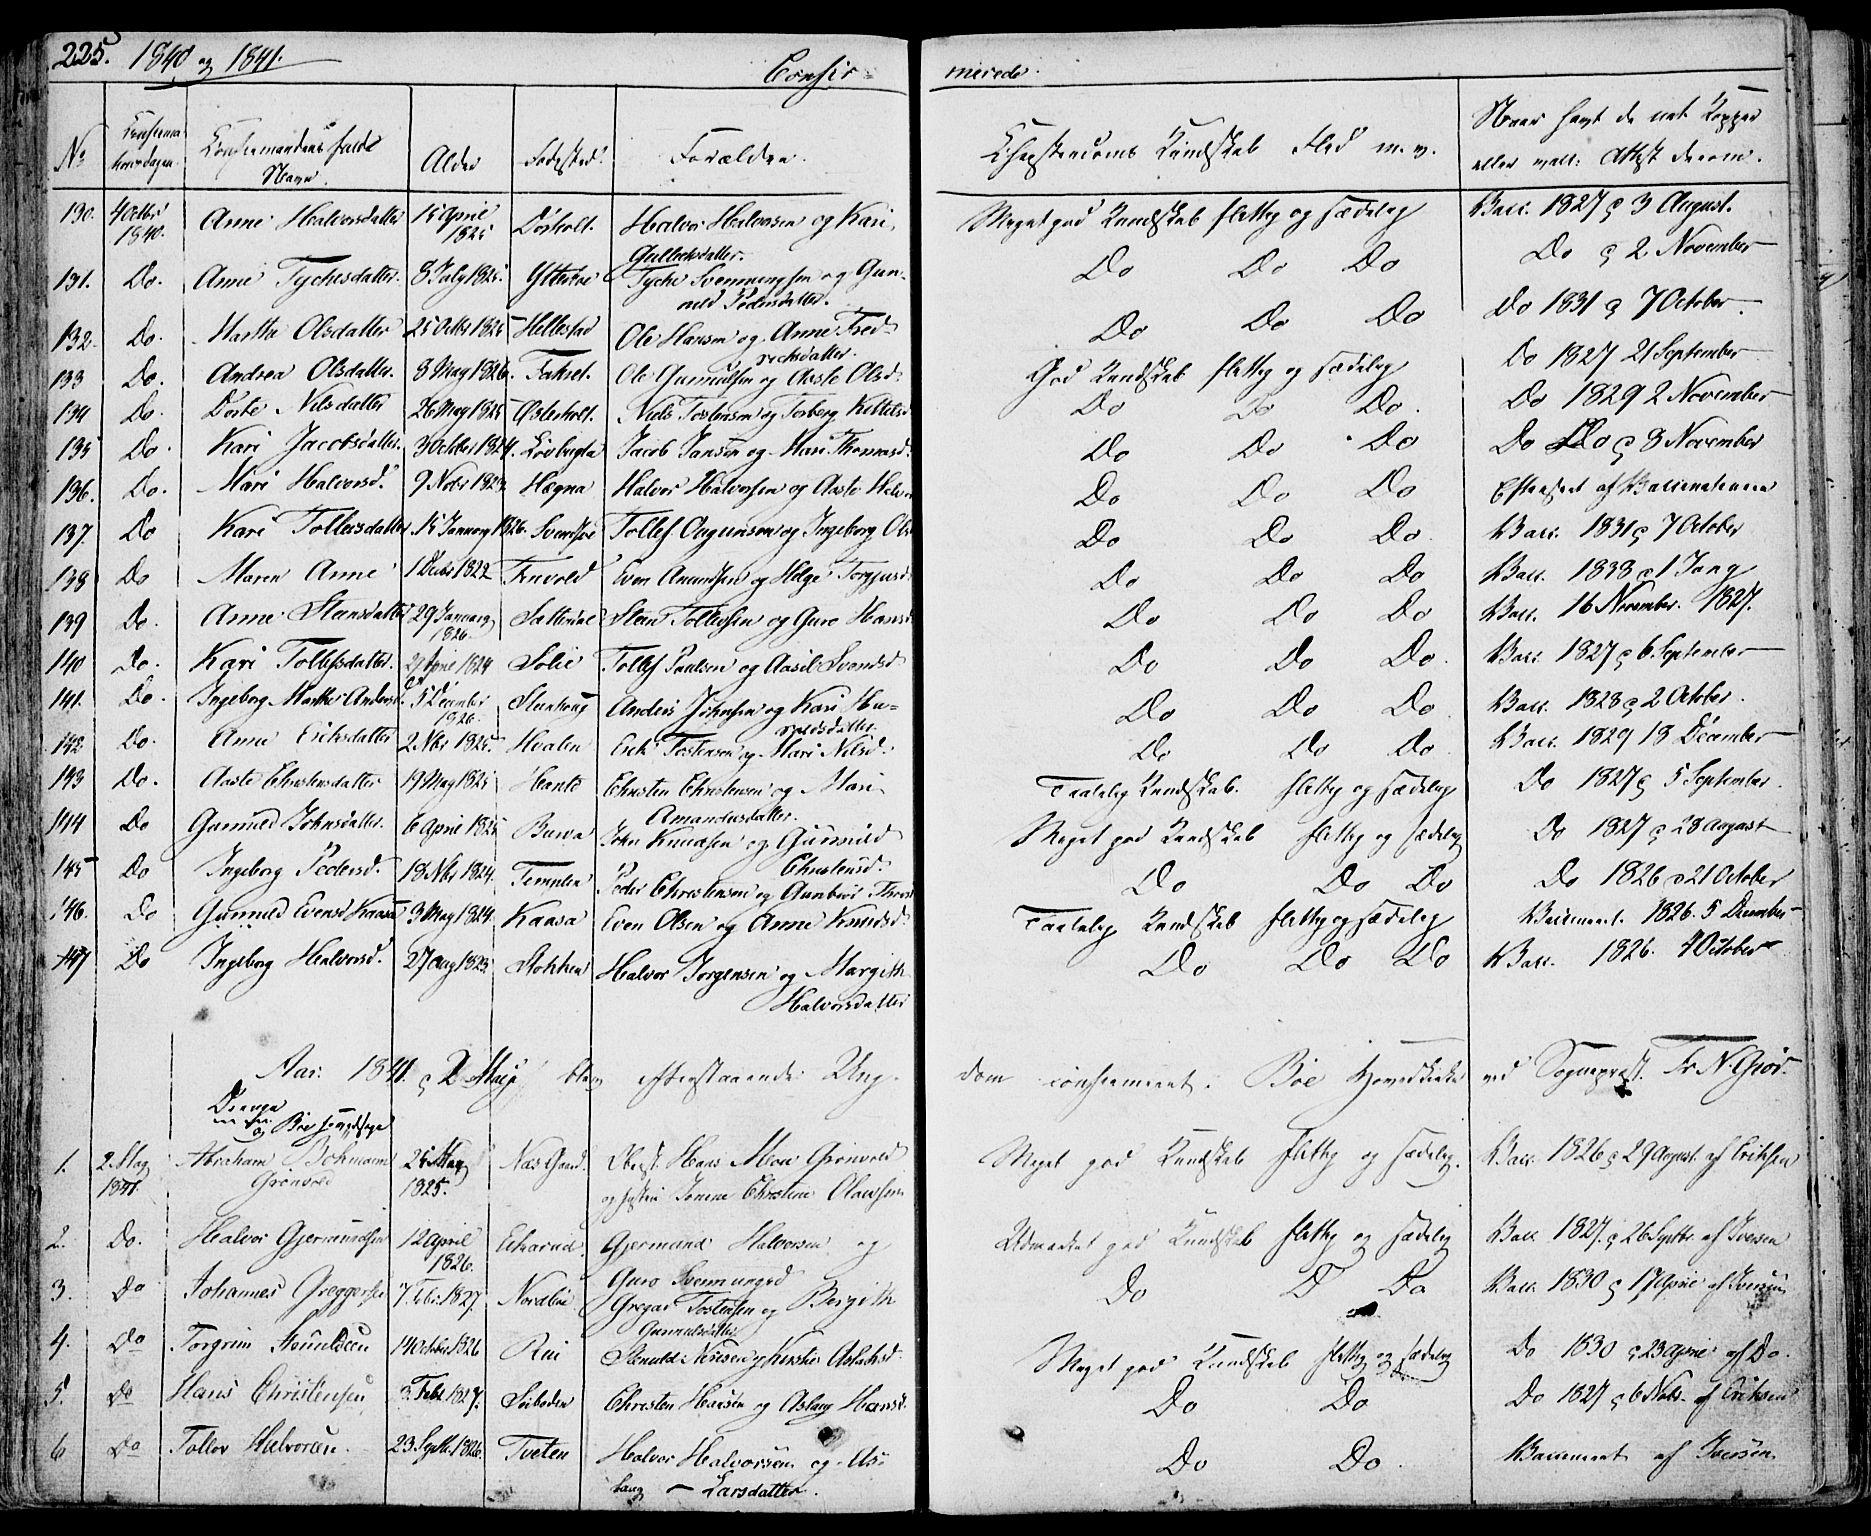 SAKO, Bø kirkebøker, F/Fa/L0007: Ministerialbok nr. 7, 1831-1848, s. 225